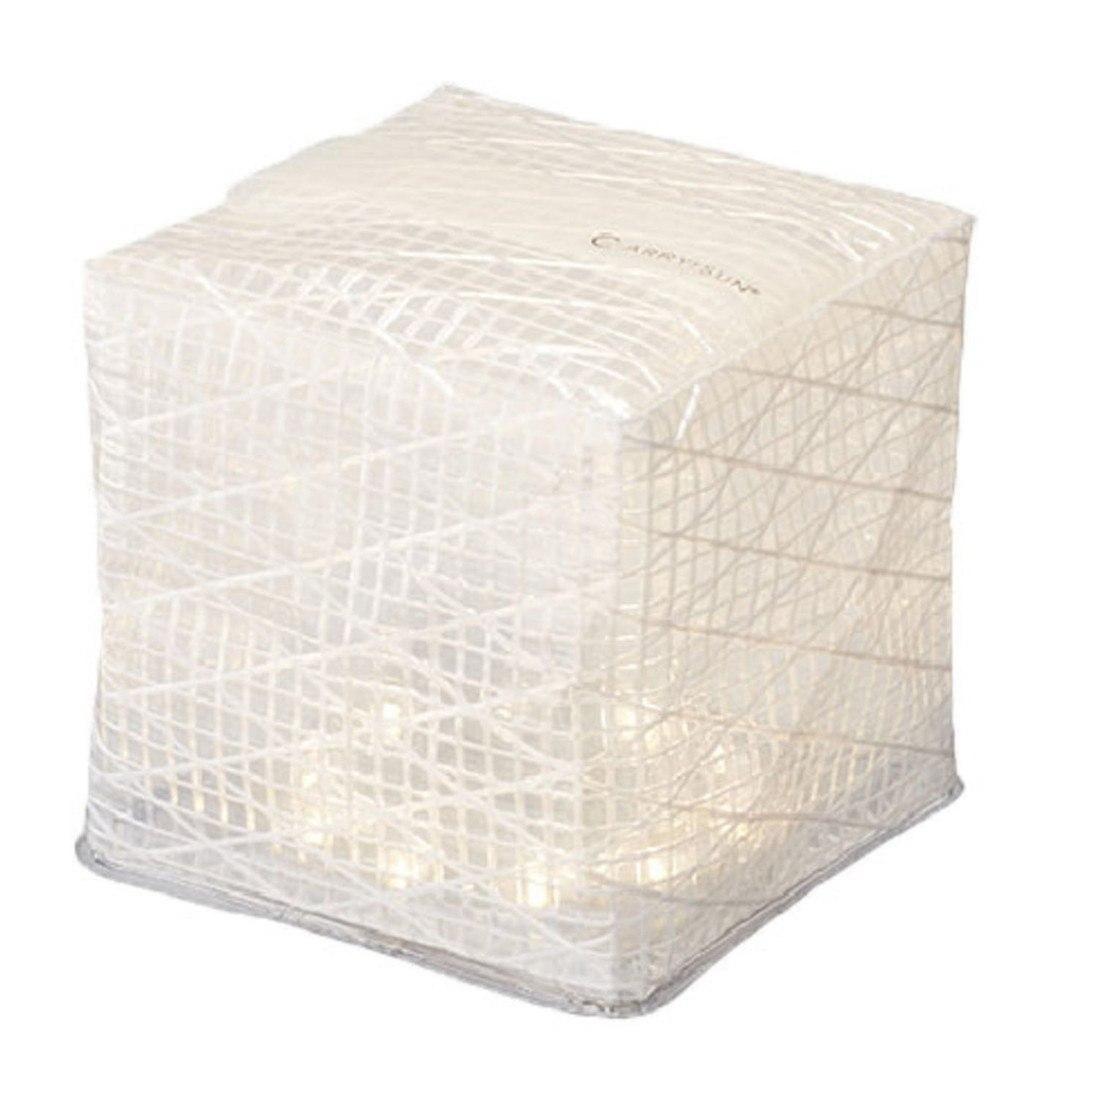 ランドポート キャリー・ザ・サン ウォームライト クールブライト MEDIUM キャリーザサン LED 軽量 折り畳み 母の日 ギフト プレゼント 実用的 花以外 ソーラー ランタン ミディアム非常用 ソーラーライト